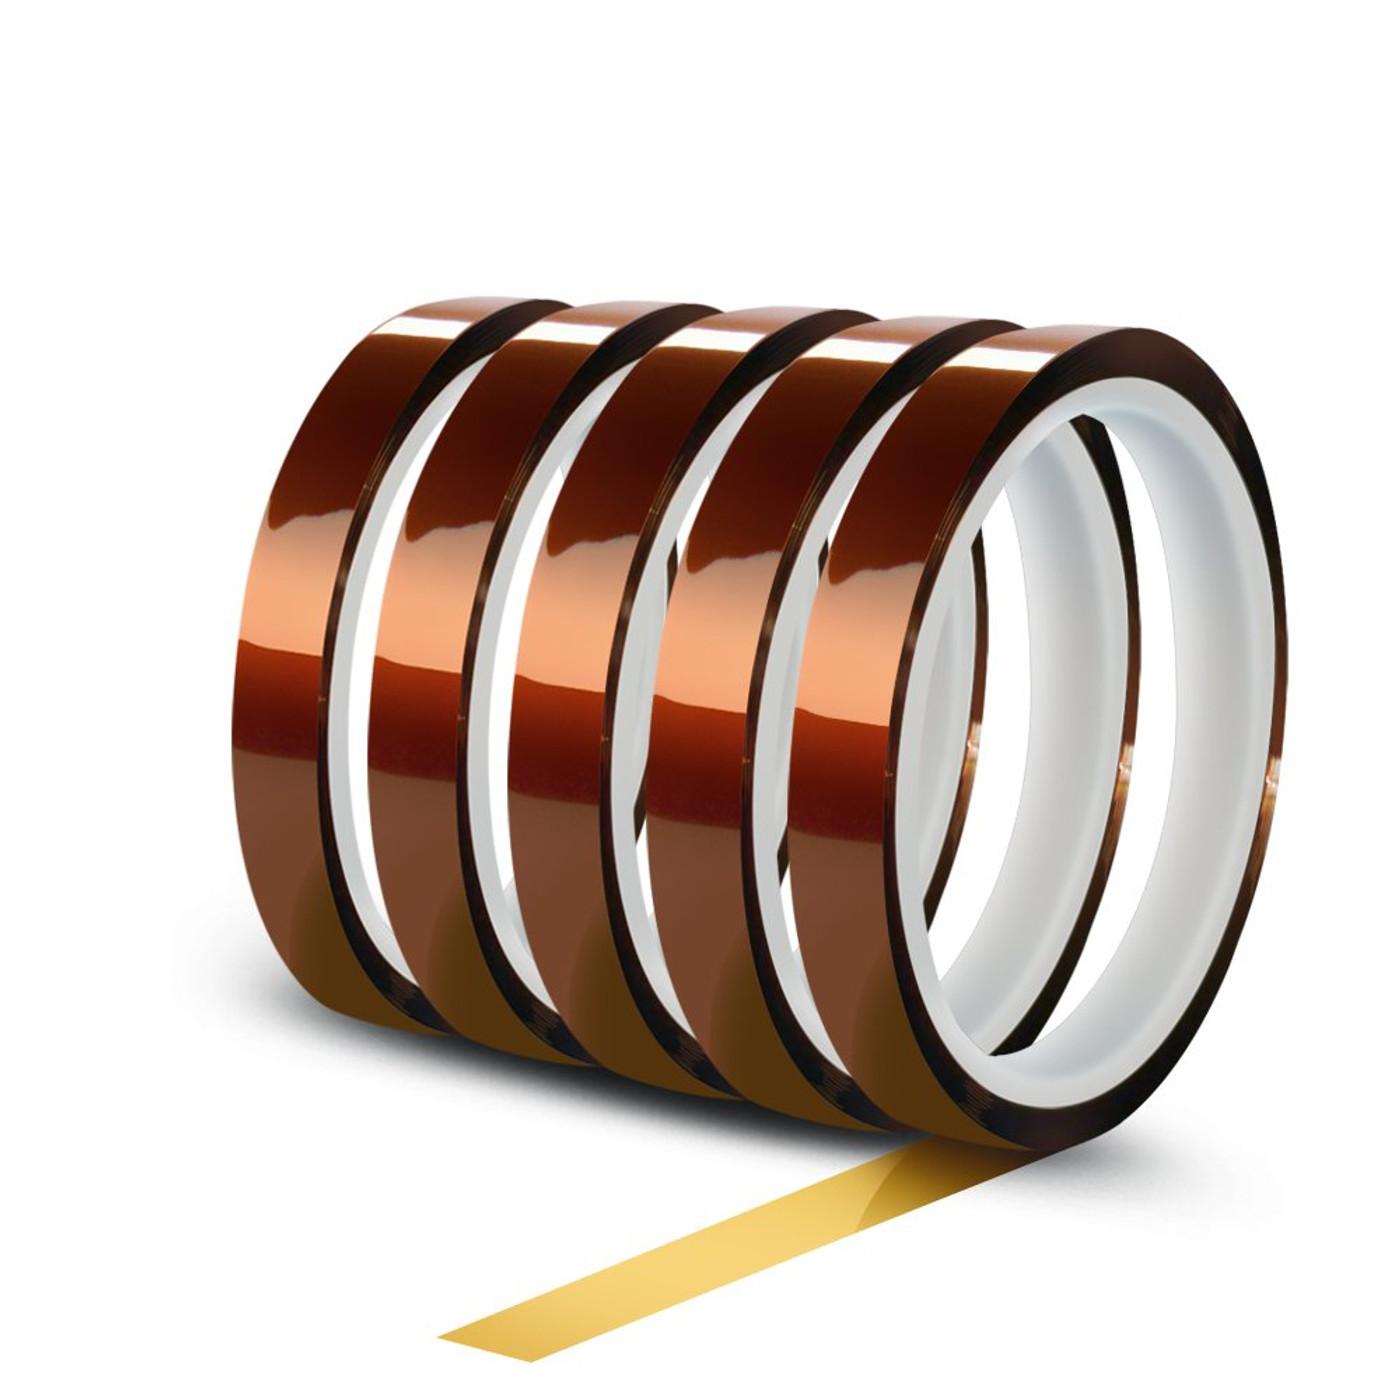 Heat Resistant Sublimation Tape 10mm X 33m – 108 ft